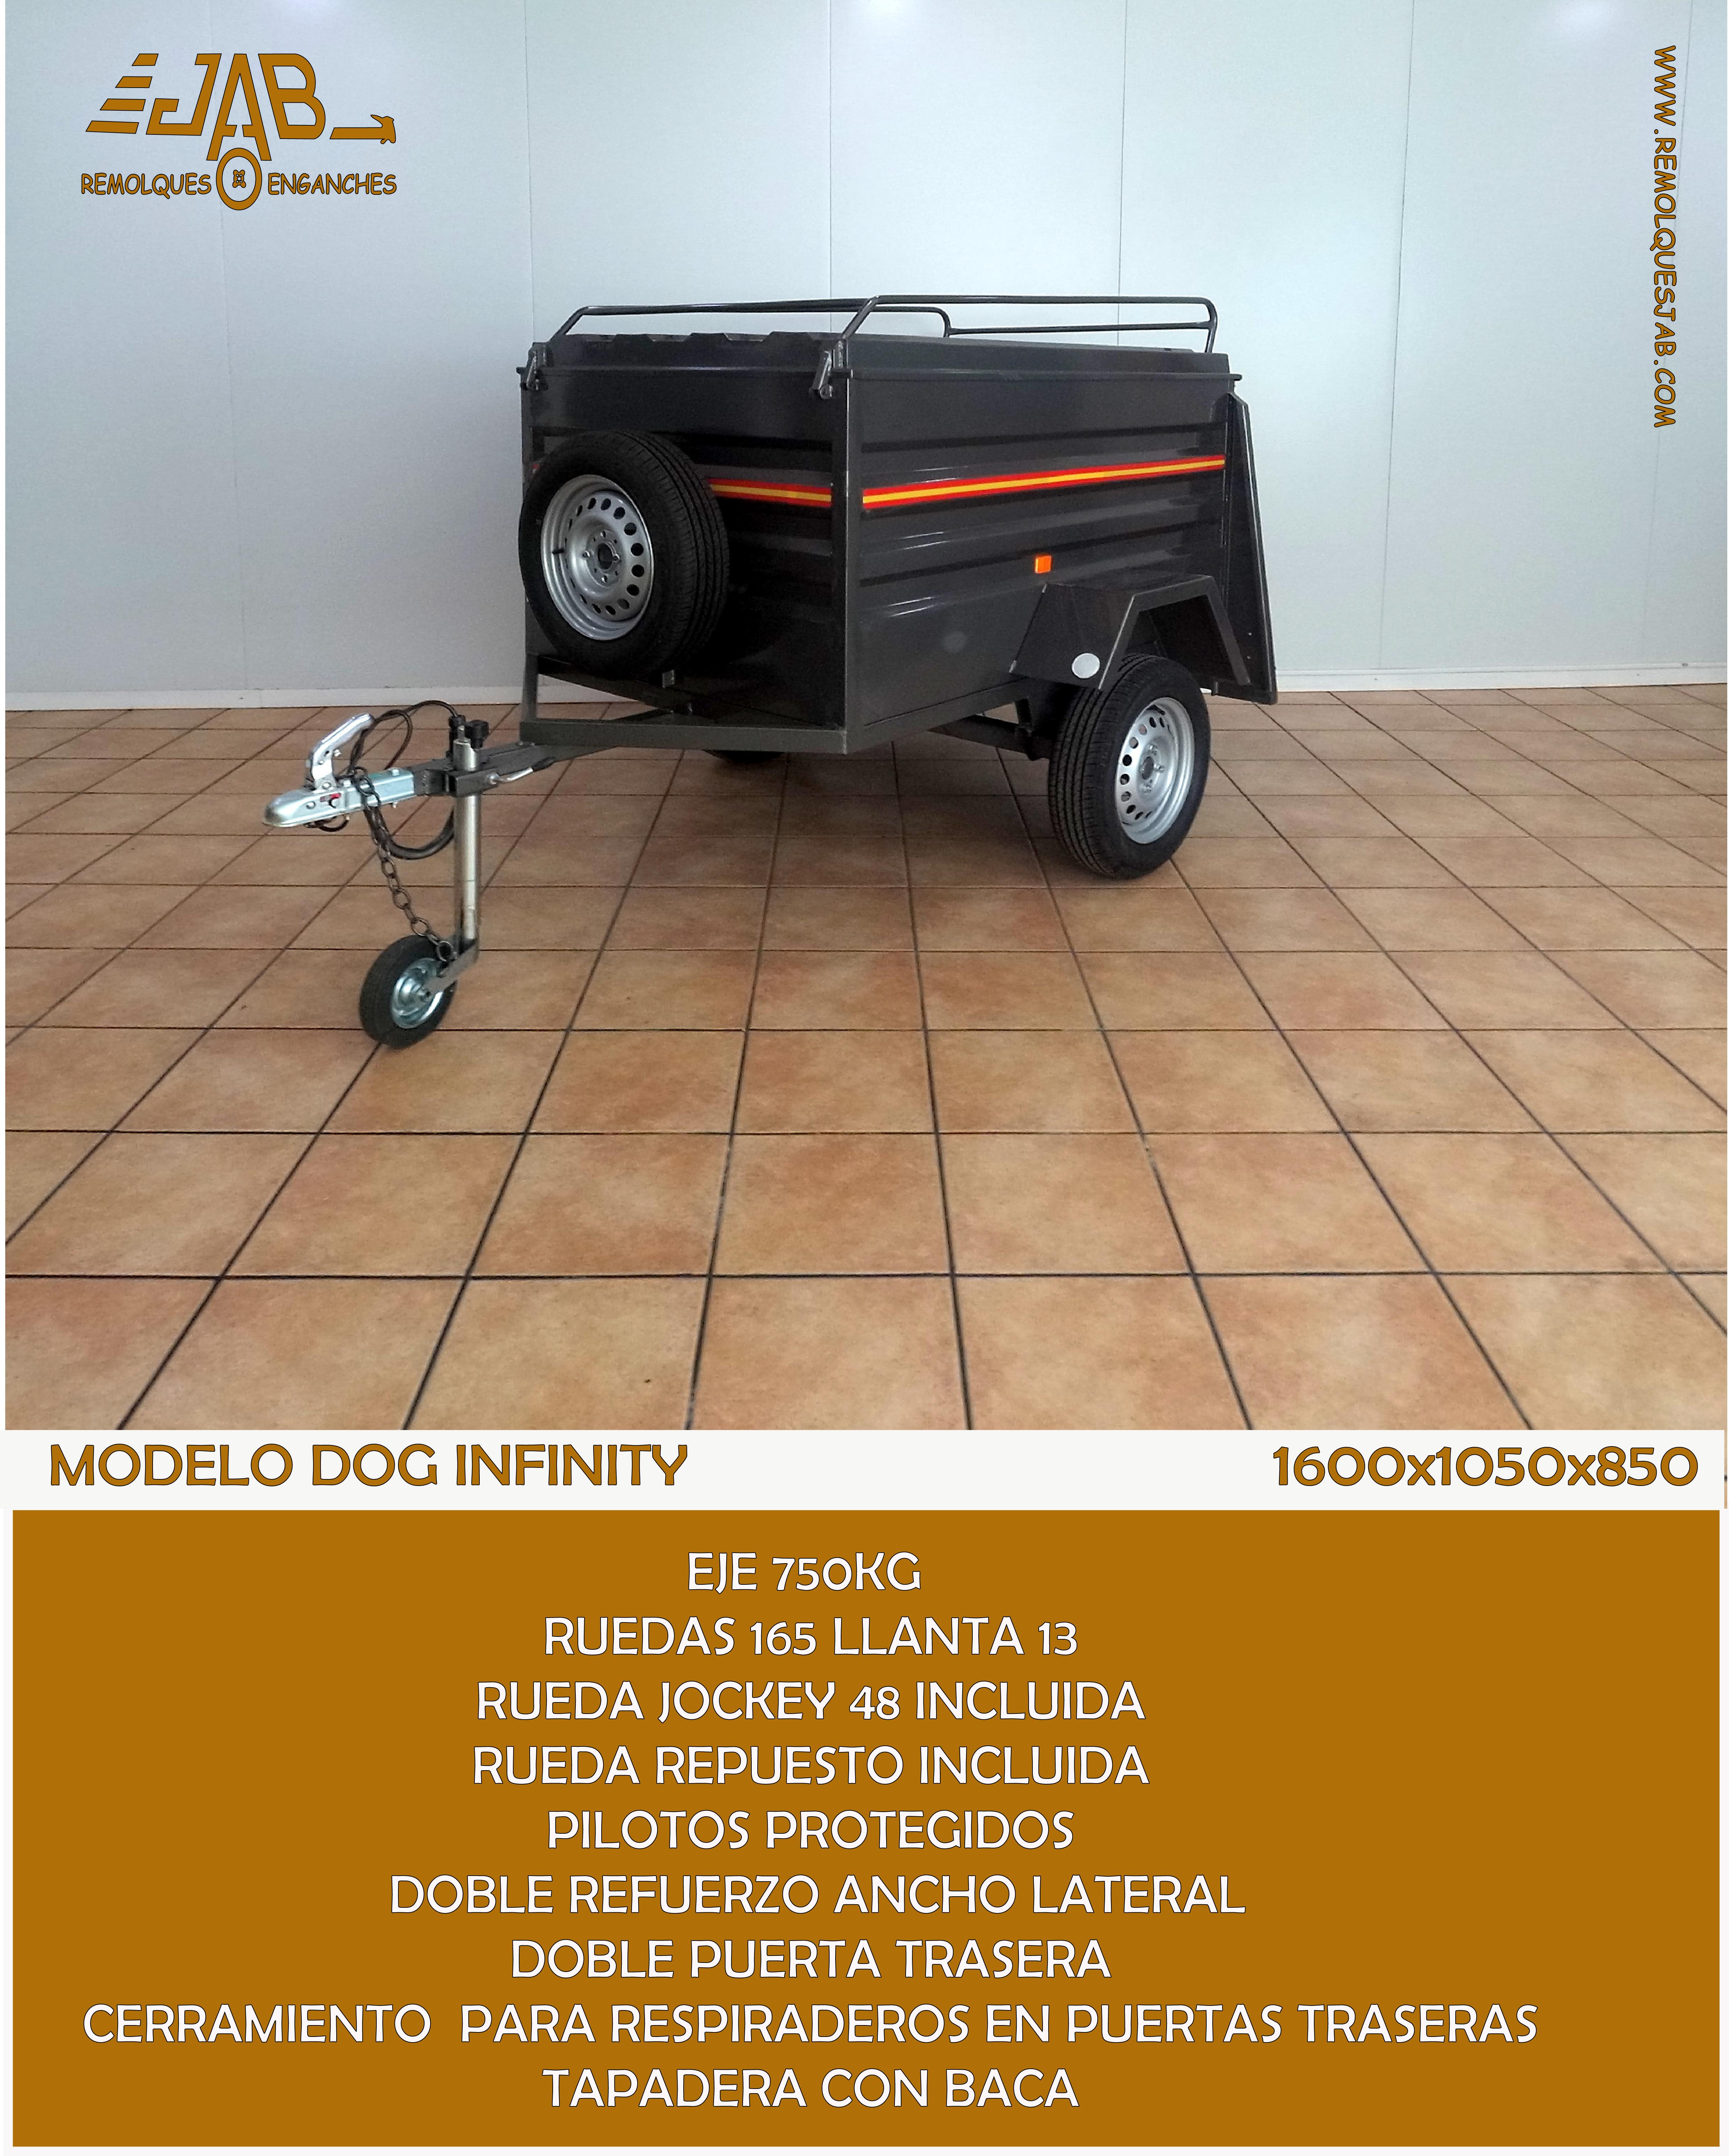 MODELO DOG INFINITY WEB